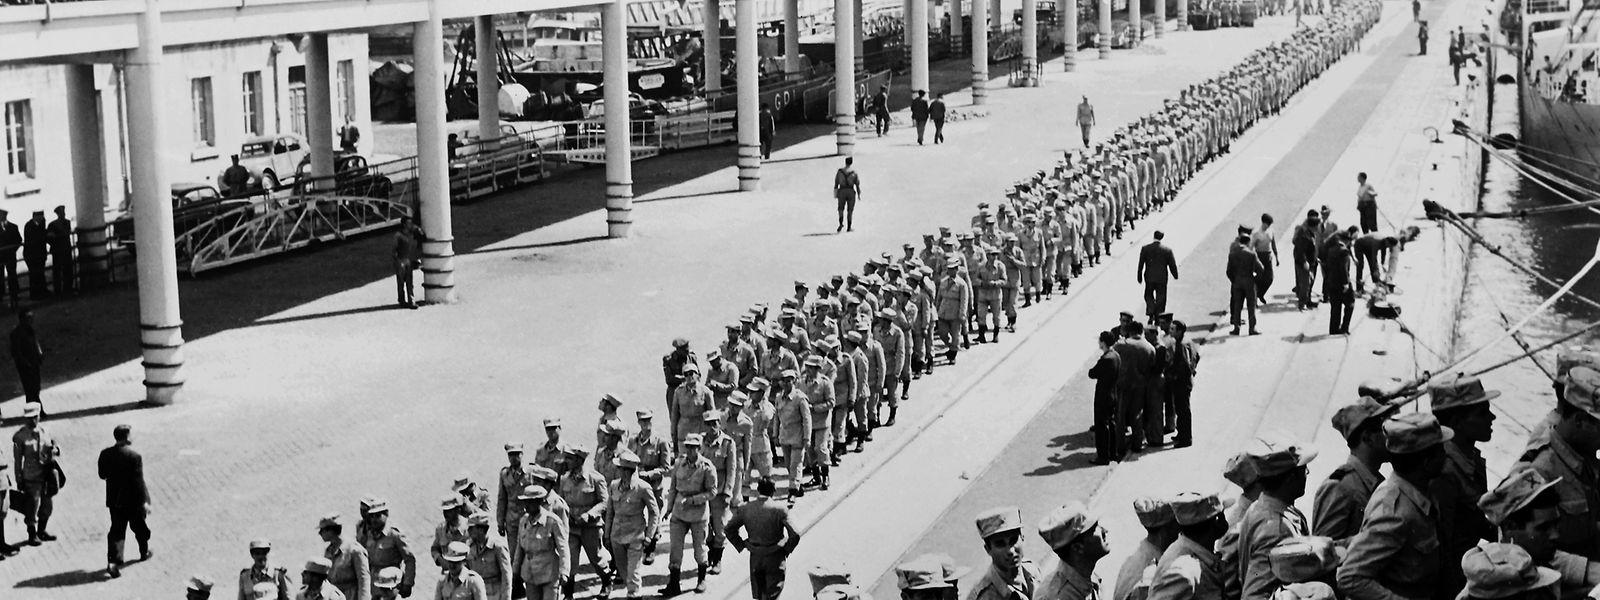 Le port de Lisbonne en mai 1961: des soldats portugais embarquent pour l'Angola. L'idéologie colonialiste lusitanienne est une arme de domination qui atteint son apogée et sa chute avec les guerres coloniales à partir de 1961 et les tentatives du dictateur Salazar de sauver l'empire.